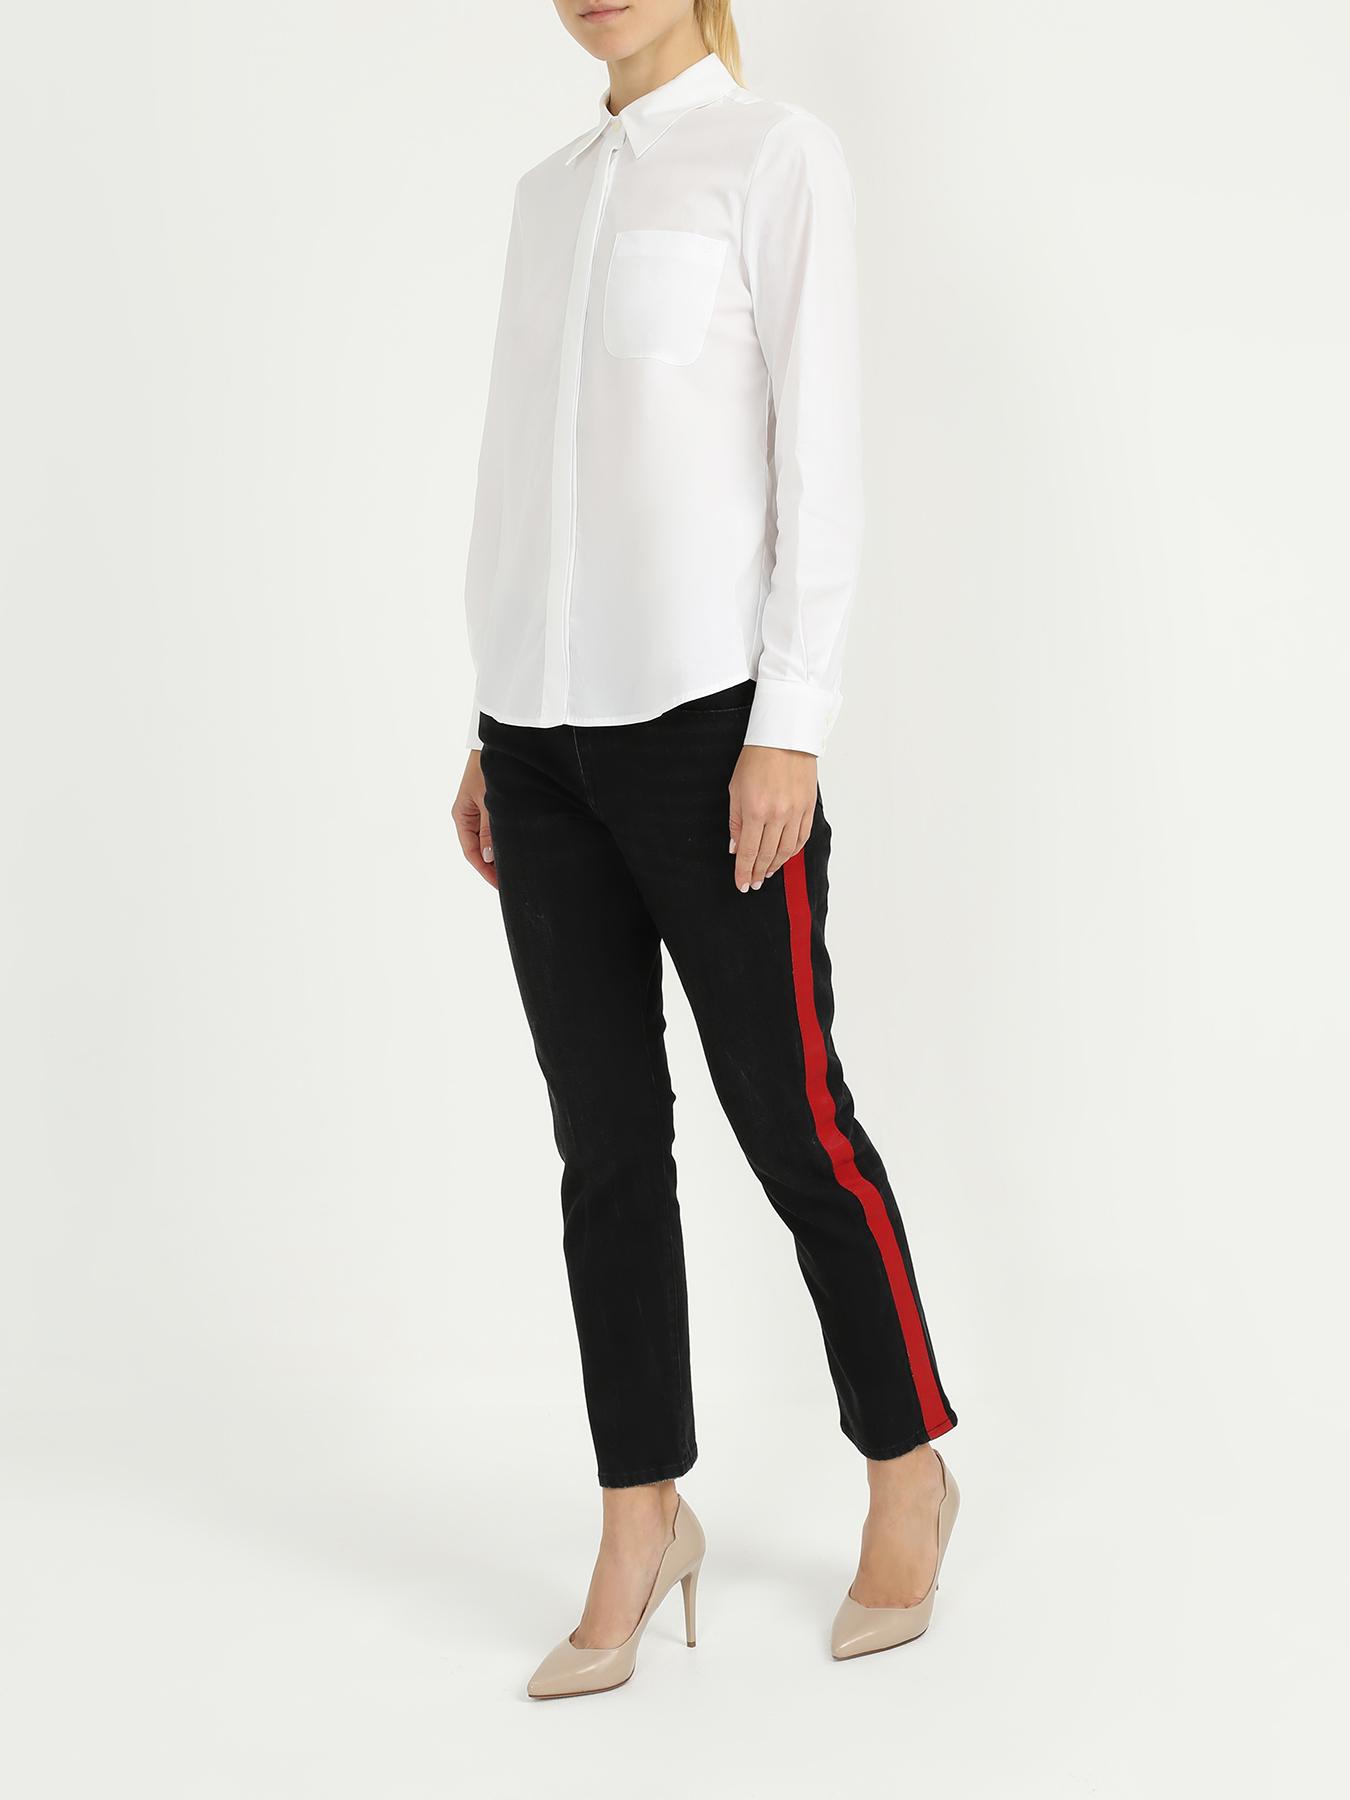 Polo Ralph Lauren Джинсы с полосками по бокам 328902-009